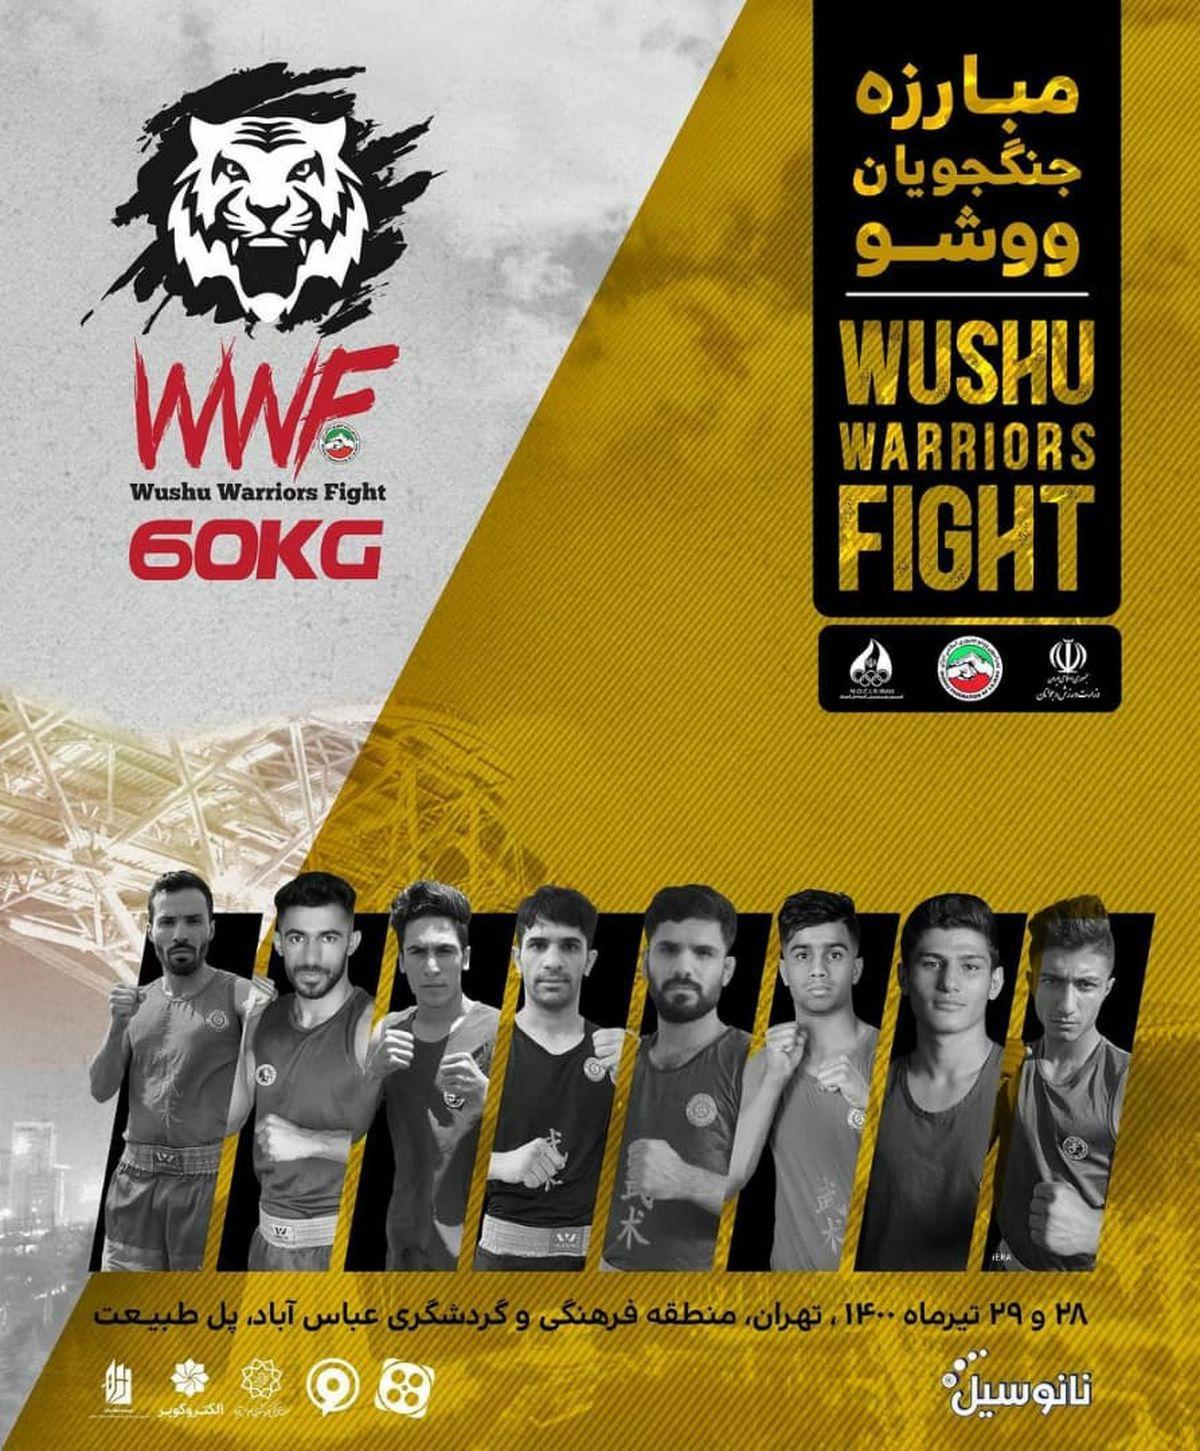 جدال ورزشکاران قمی در مسابقات  مبارزه جنگجویان ووشو 